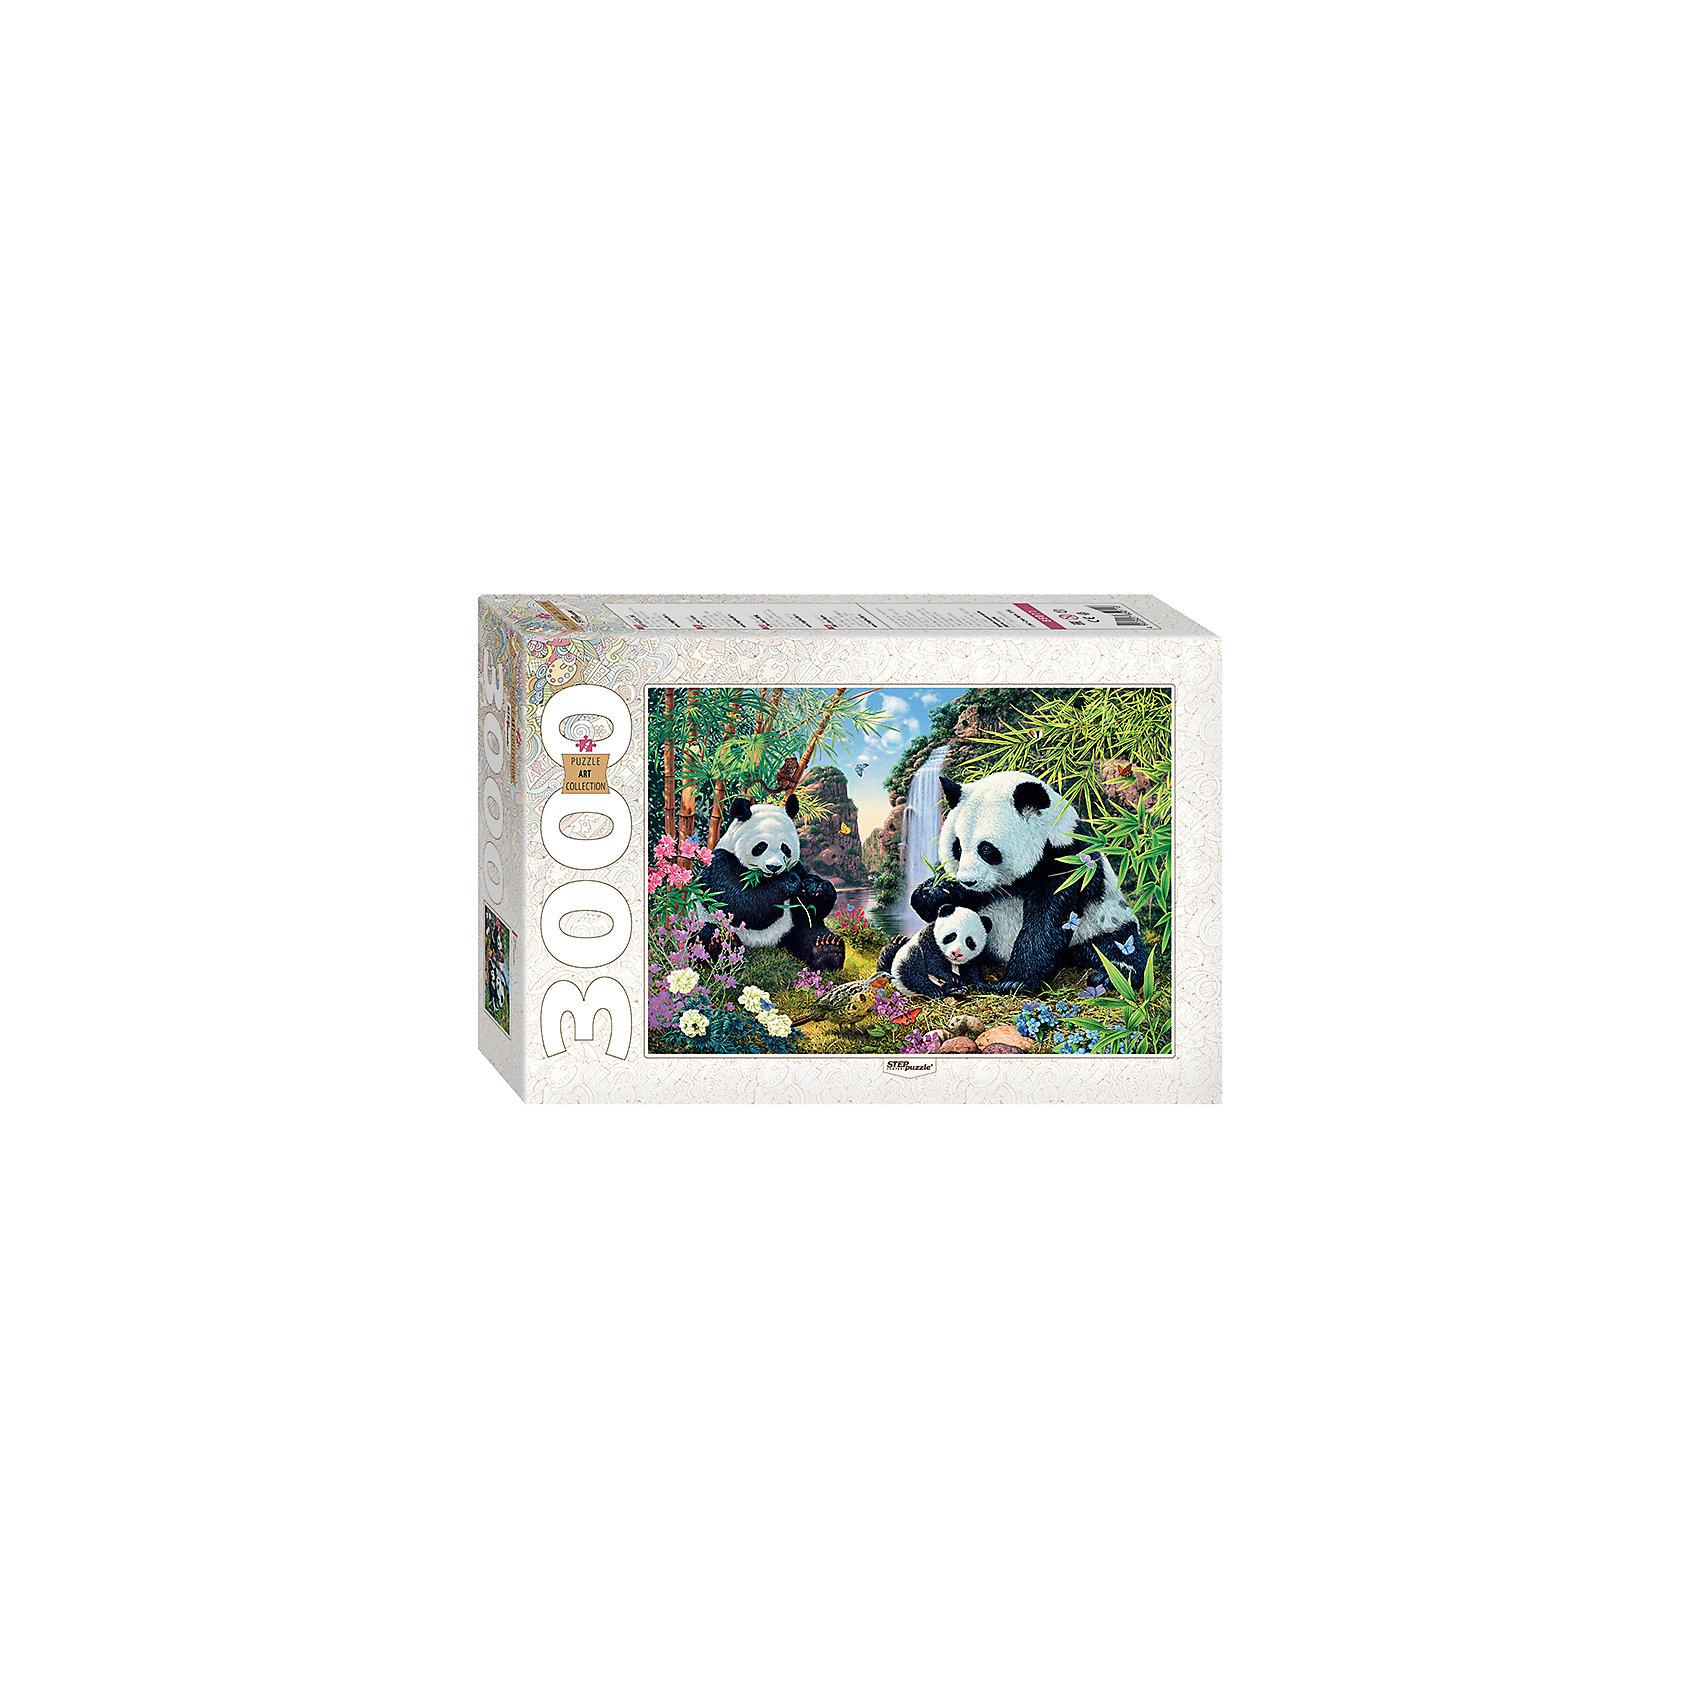 Пазл Панды, 3000 деталей, Step PuzzleПазлы для детей постарше<br>Характеристики товара:<br><br>- цвет: разноцветный;<br>- материал: картон;<br>- деталей: 3000;<br>- высокая точность подгонки элементов;<br>- отличное качество печати;<br>- упаковка: коробка.<br><br>Собирать пазлы любят и дети, и взрослые! Это занятие может не только позволять весело проводить время, но и помогать всестороннему развитию ребенка. Изделие представляет собой детали, из которых нужно собрать очень красивую картинку. Все детали отлично проработаны, готовое изображение можно даже зафиксировать на бумаге и украсить им интерьер!<br>Собирание пазлов поможет формированию разных навыков, оно помогает развить тактильное восприятие, мелкую моторику, воображение, внимание и логику. Изделие произведено из качественных материалов, безопасных для ребенка. Набор станет отличным подарком детям!<br><br>Пазл Панды, 3000 деталей, от бренда Step Puzzle можно купить в нашем интернет-магазине.<br><br>Ширина мм: 400<br>Глубина мм: 270<br>Высота мм: 85<br>Вес г: 2750<br>Возраст от месяцев: 84<br>Возраст до месяцев: 180<br>Пол: Унисекс<br>Возраст: Детский<br>SKU: 5138185